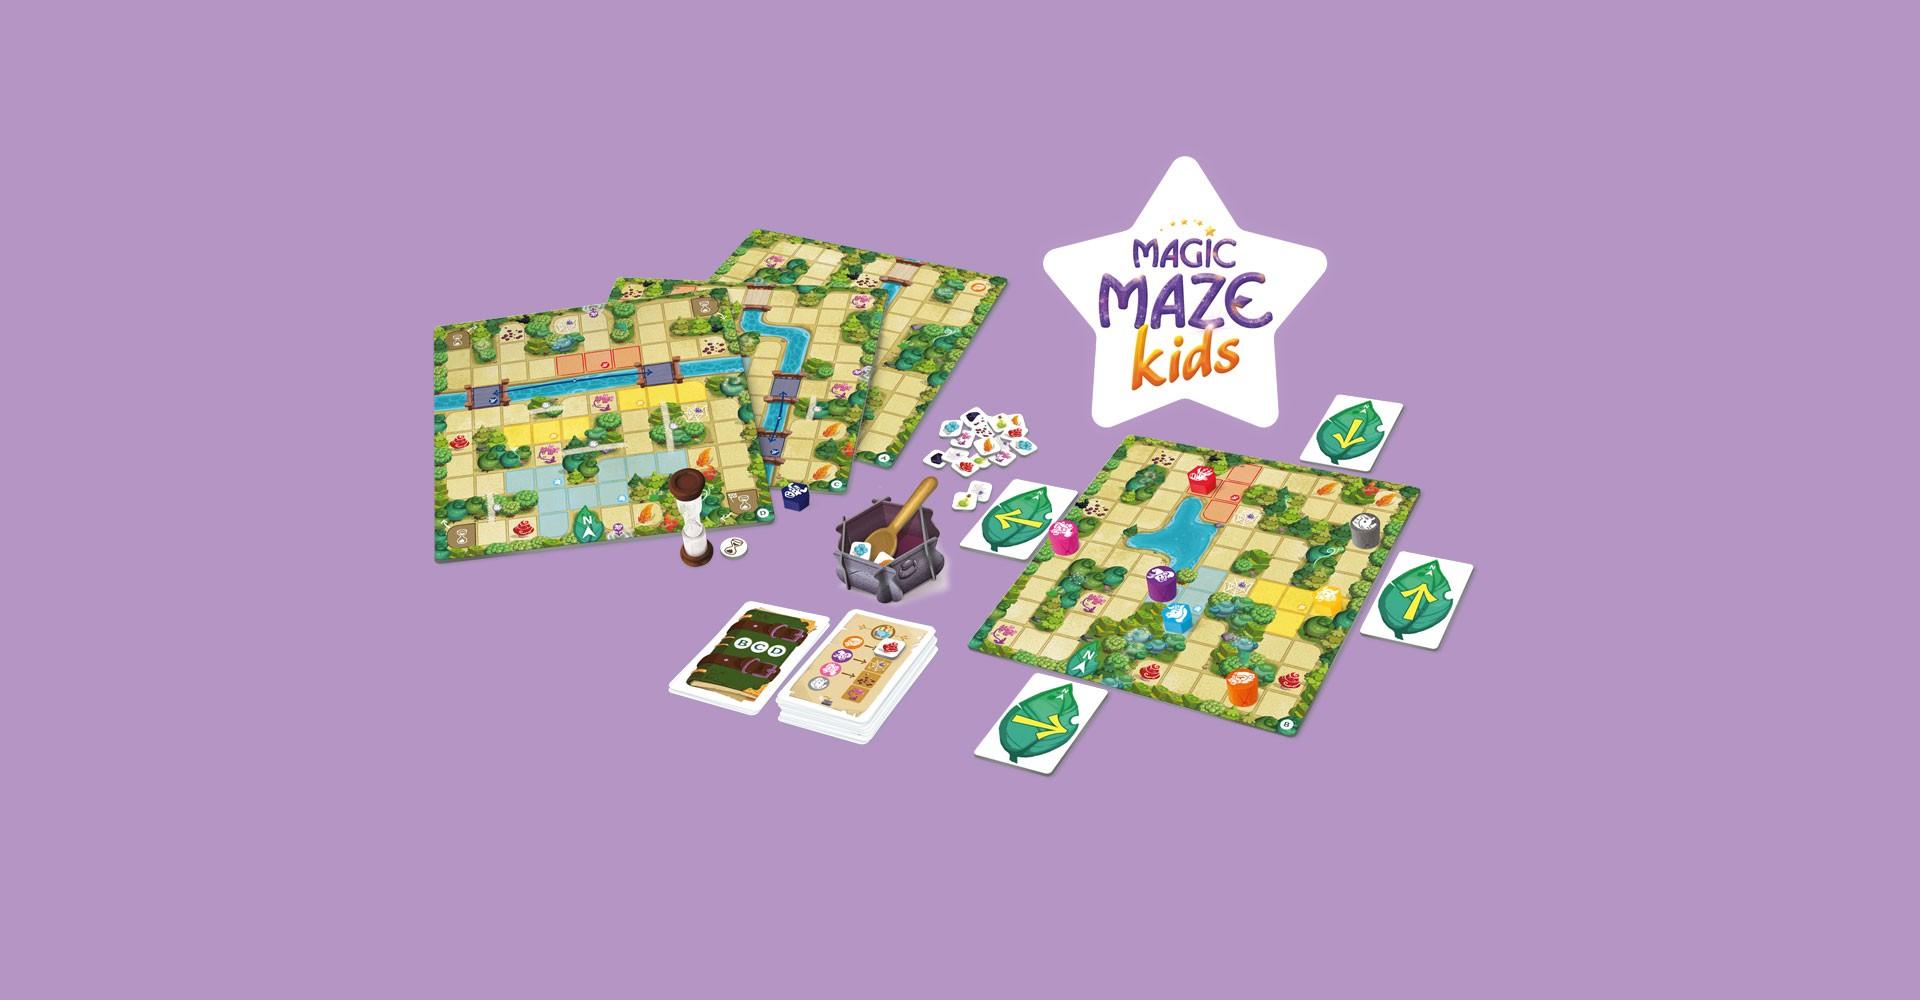 Mise en situation de Magic Maze Kids